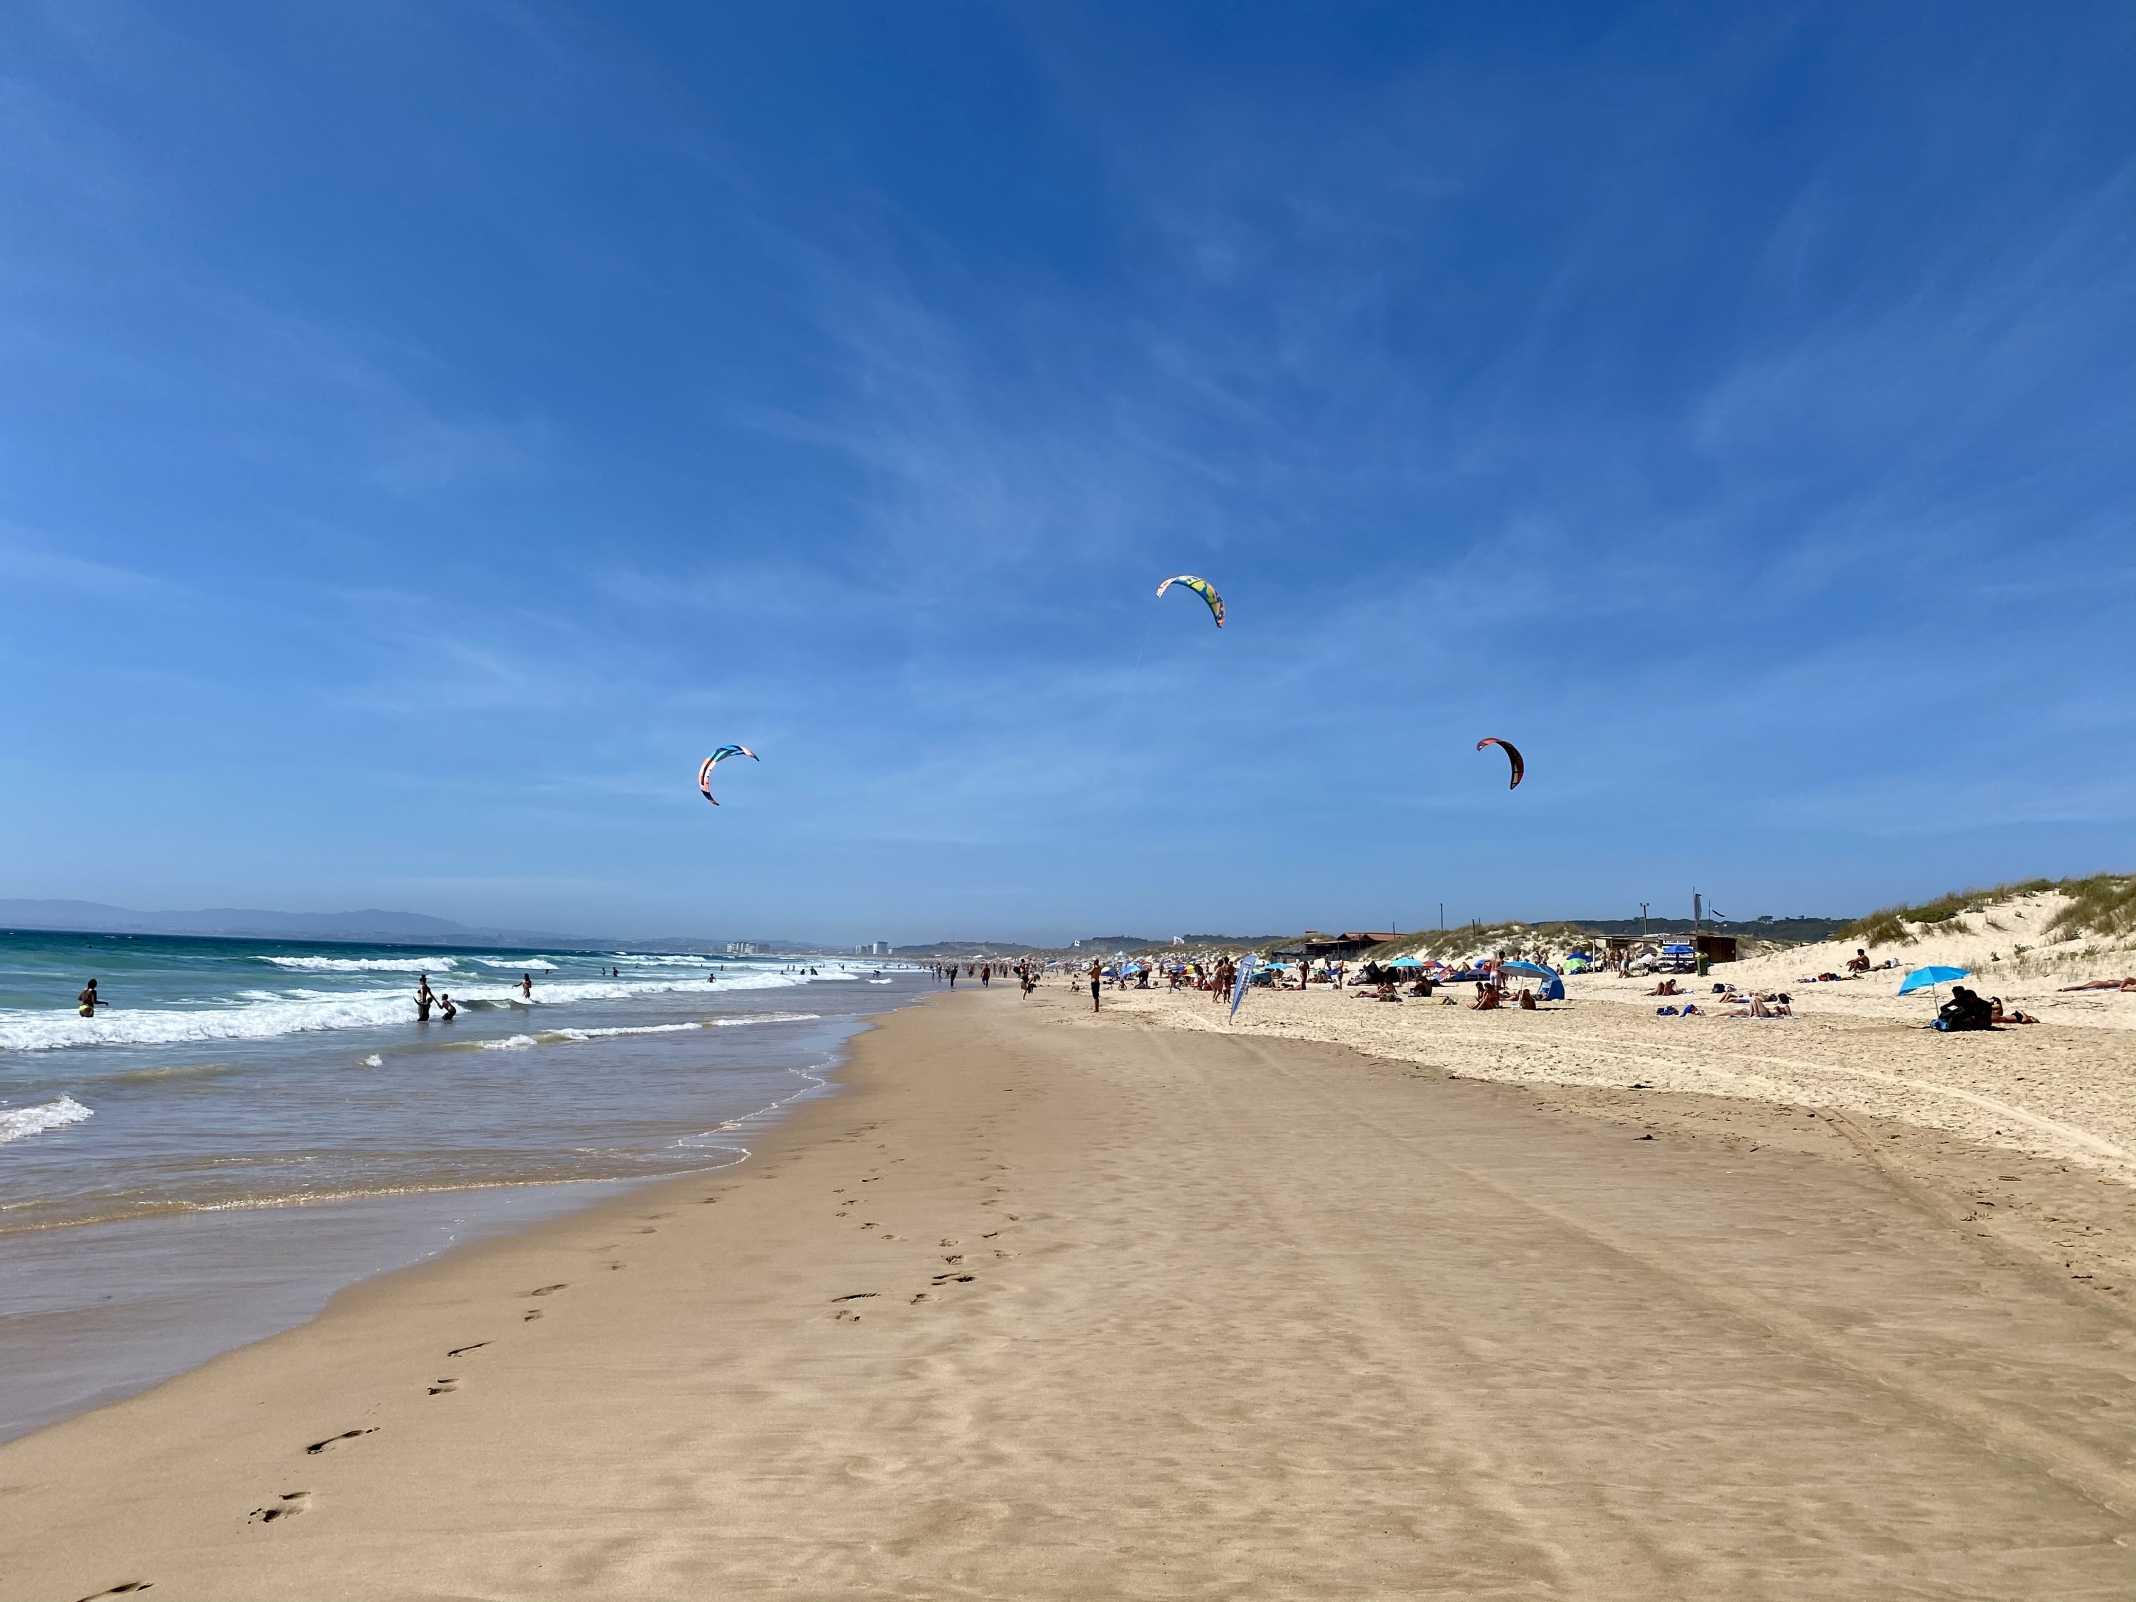 costa da caparica praias